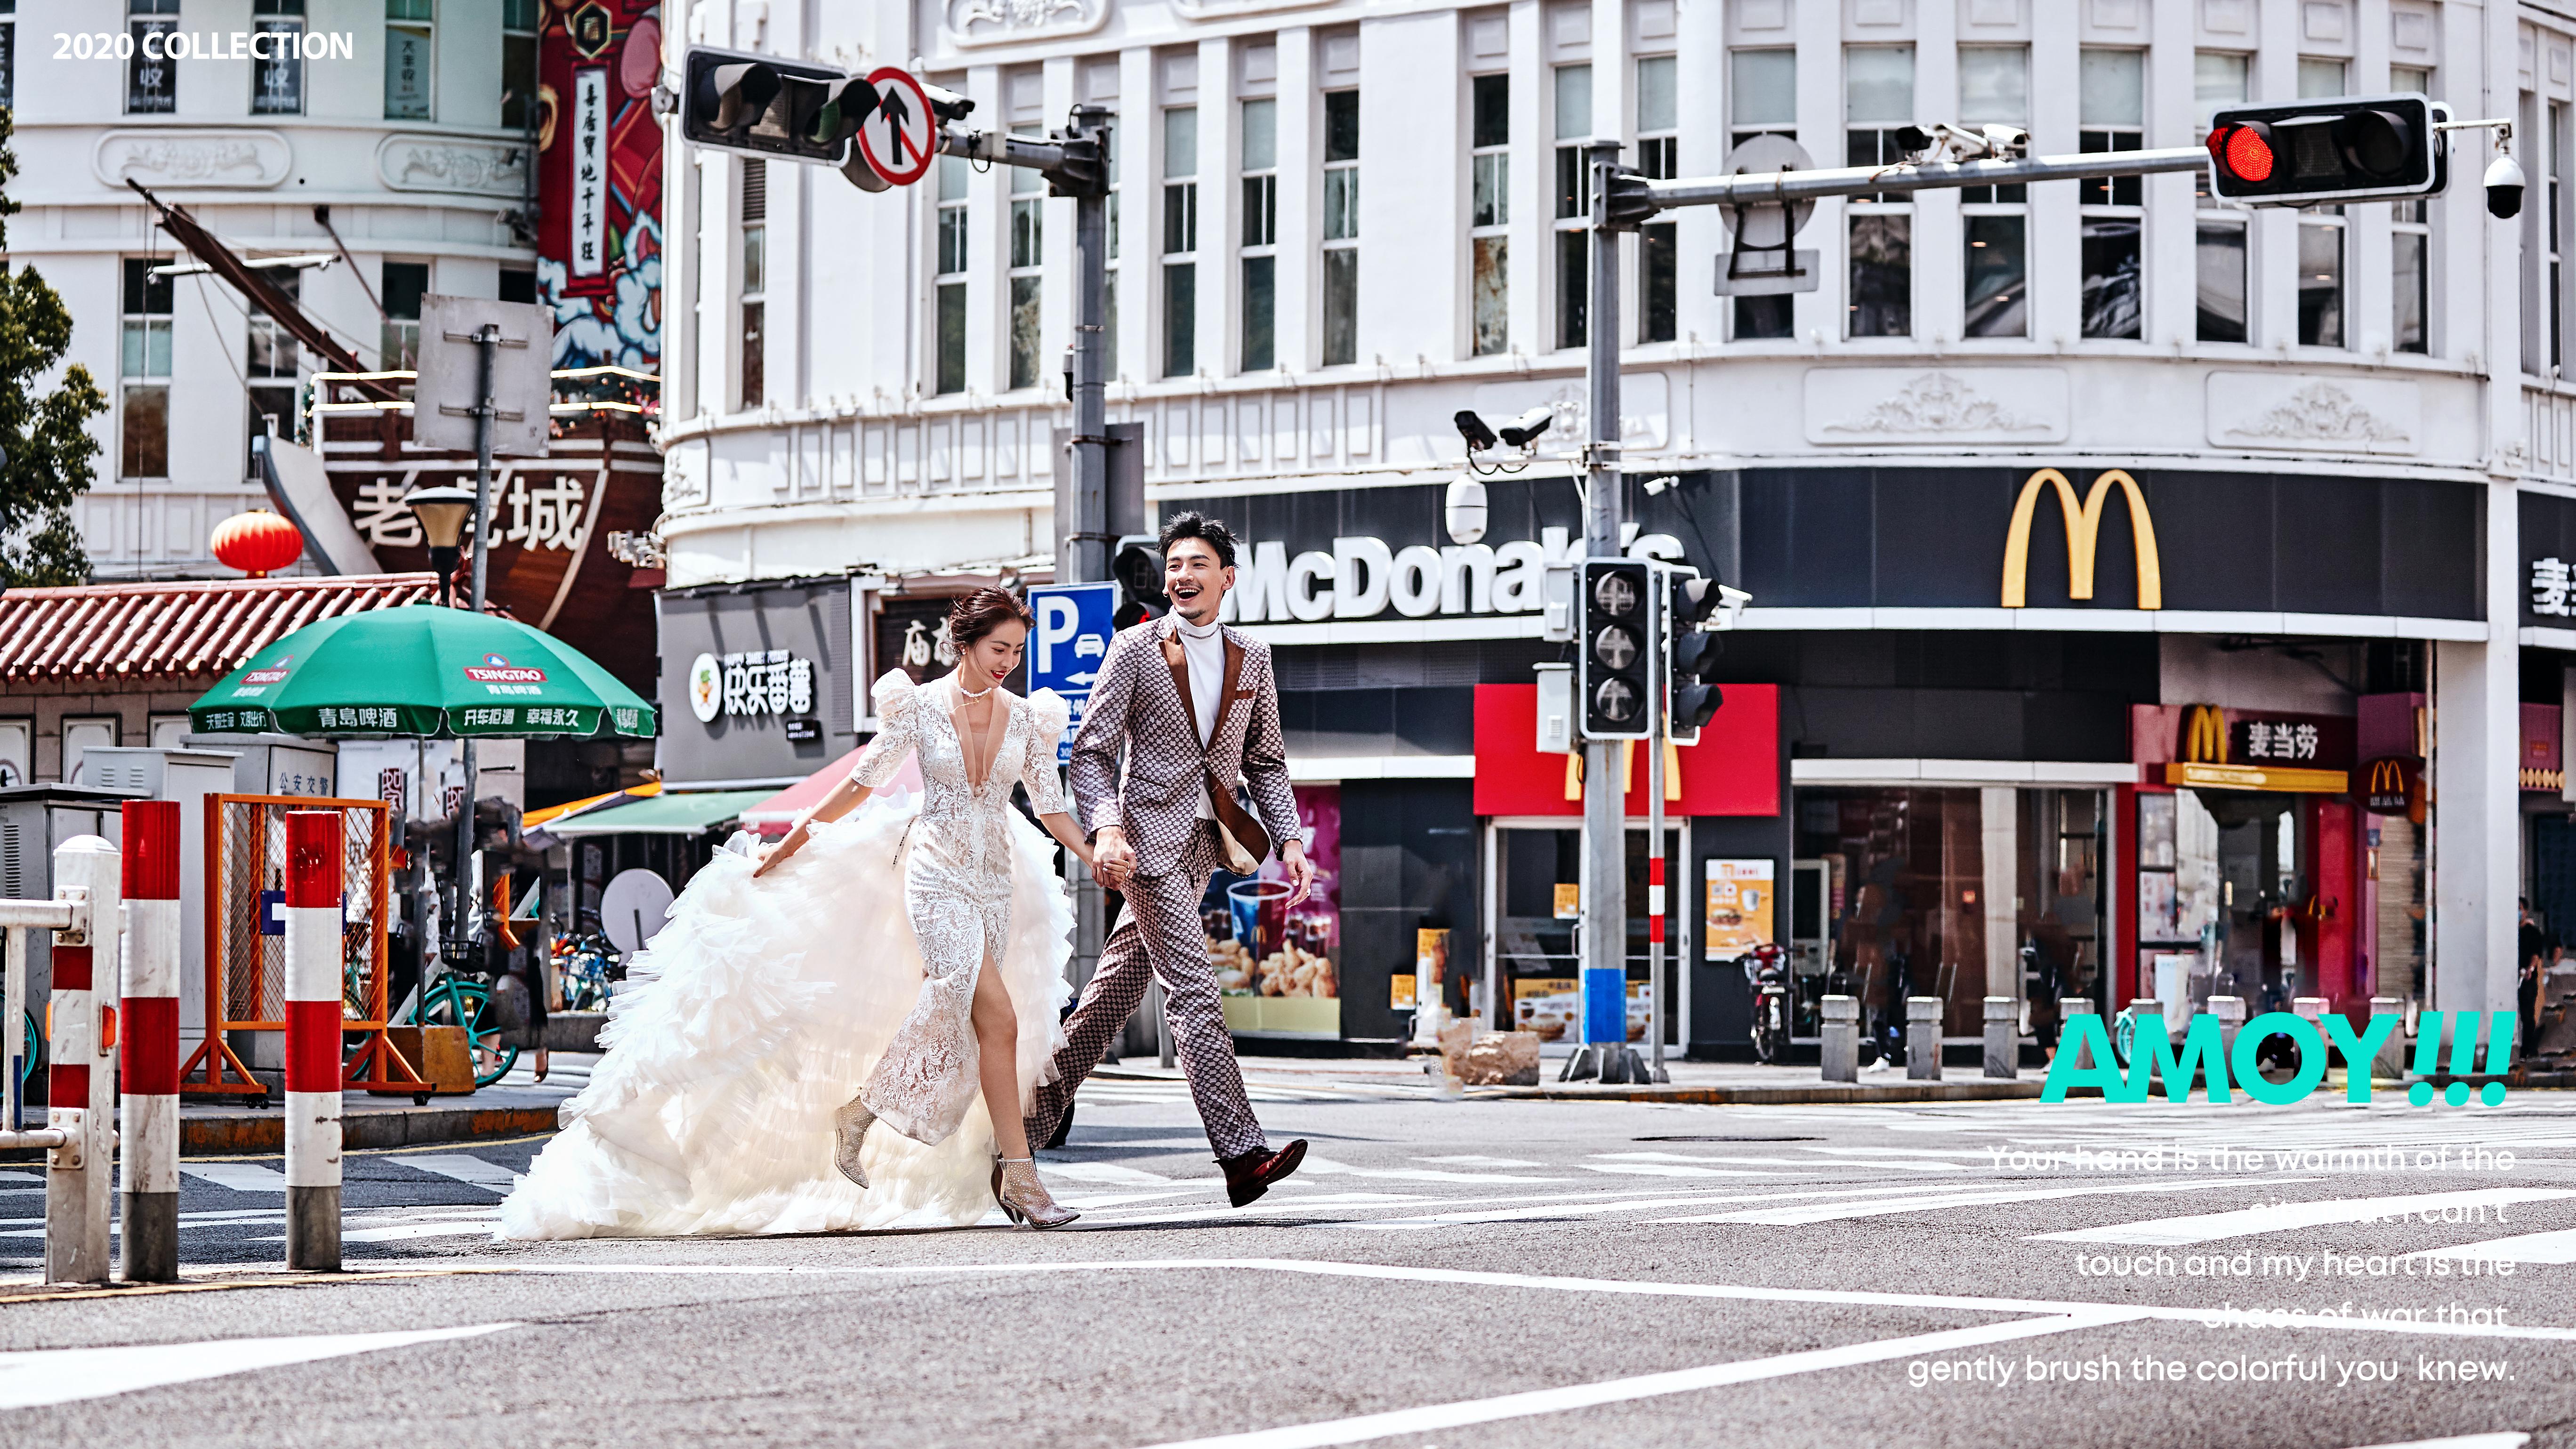 拍婚纱照需要准备什么东西 厦门冬天婚纱摄影攻略